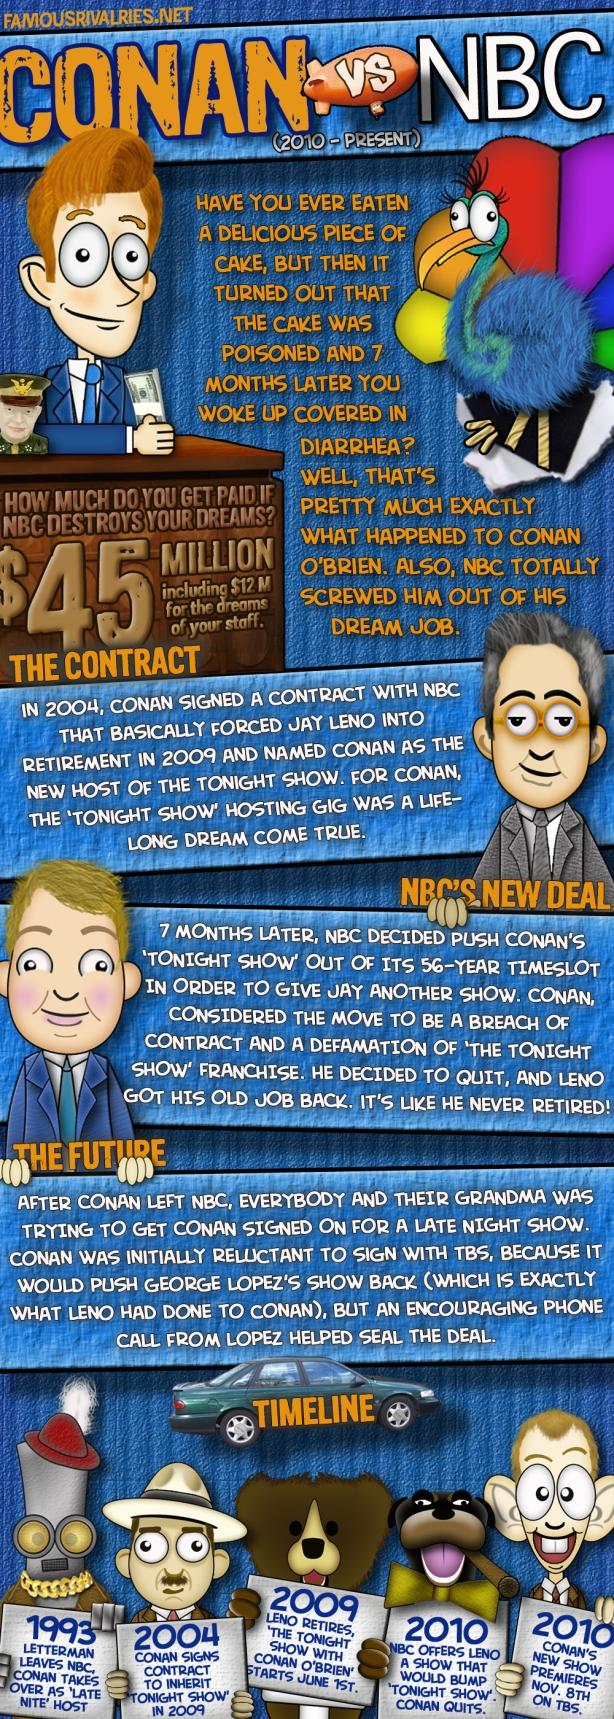 Conan vs NBC